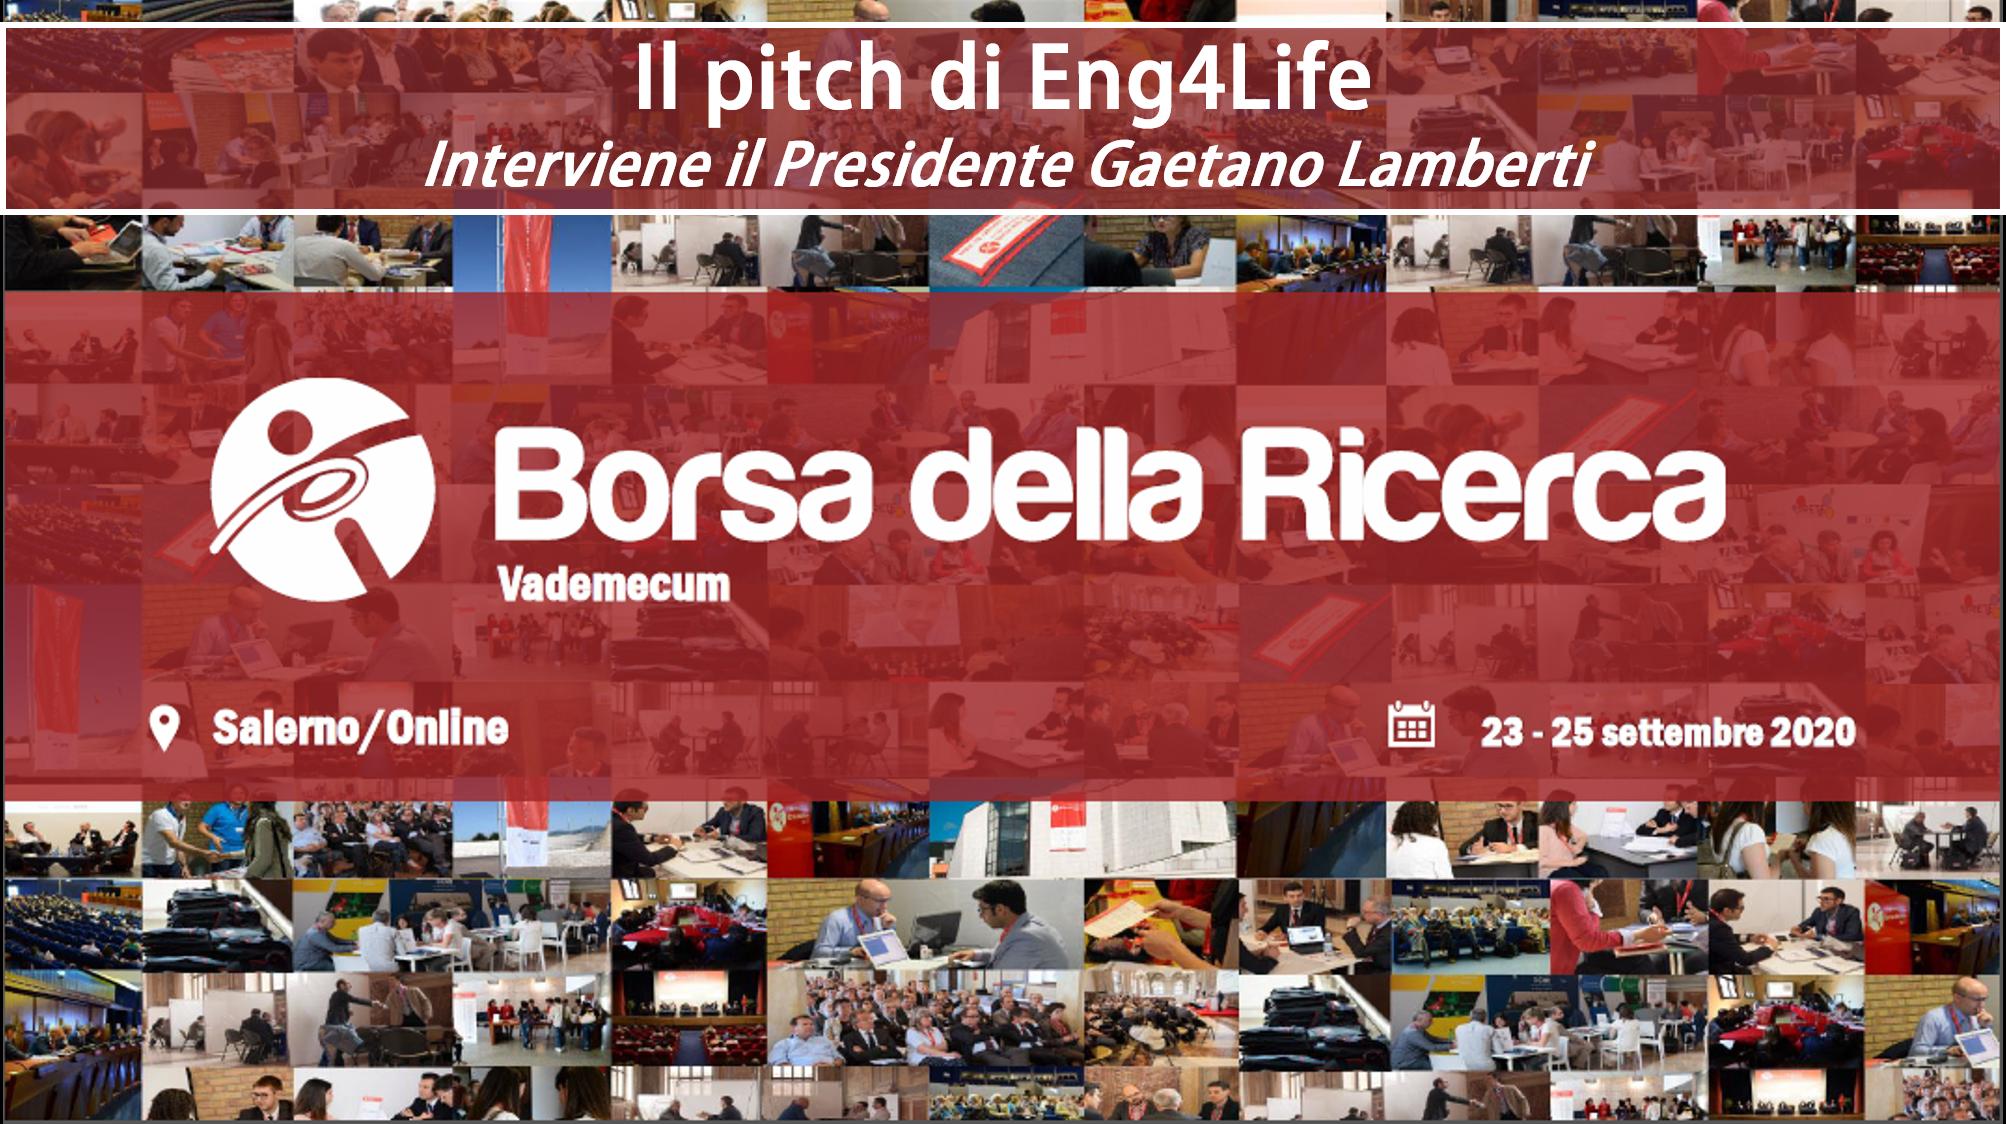 """ng4Life – Pitch XI Forum """"Borsa della Ricerca 2020"""""""